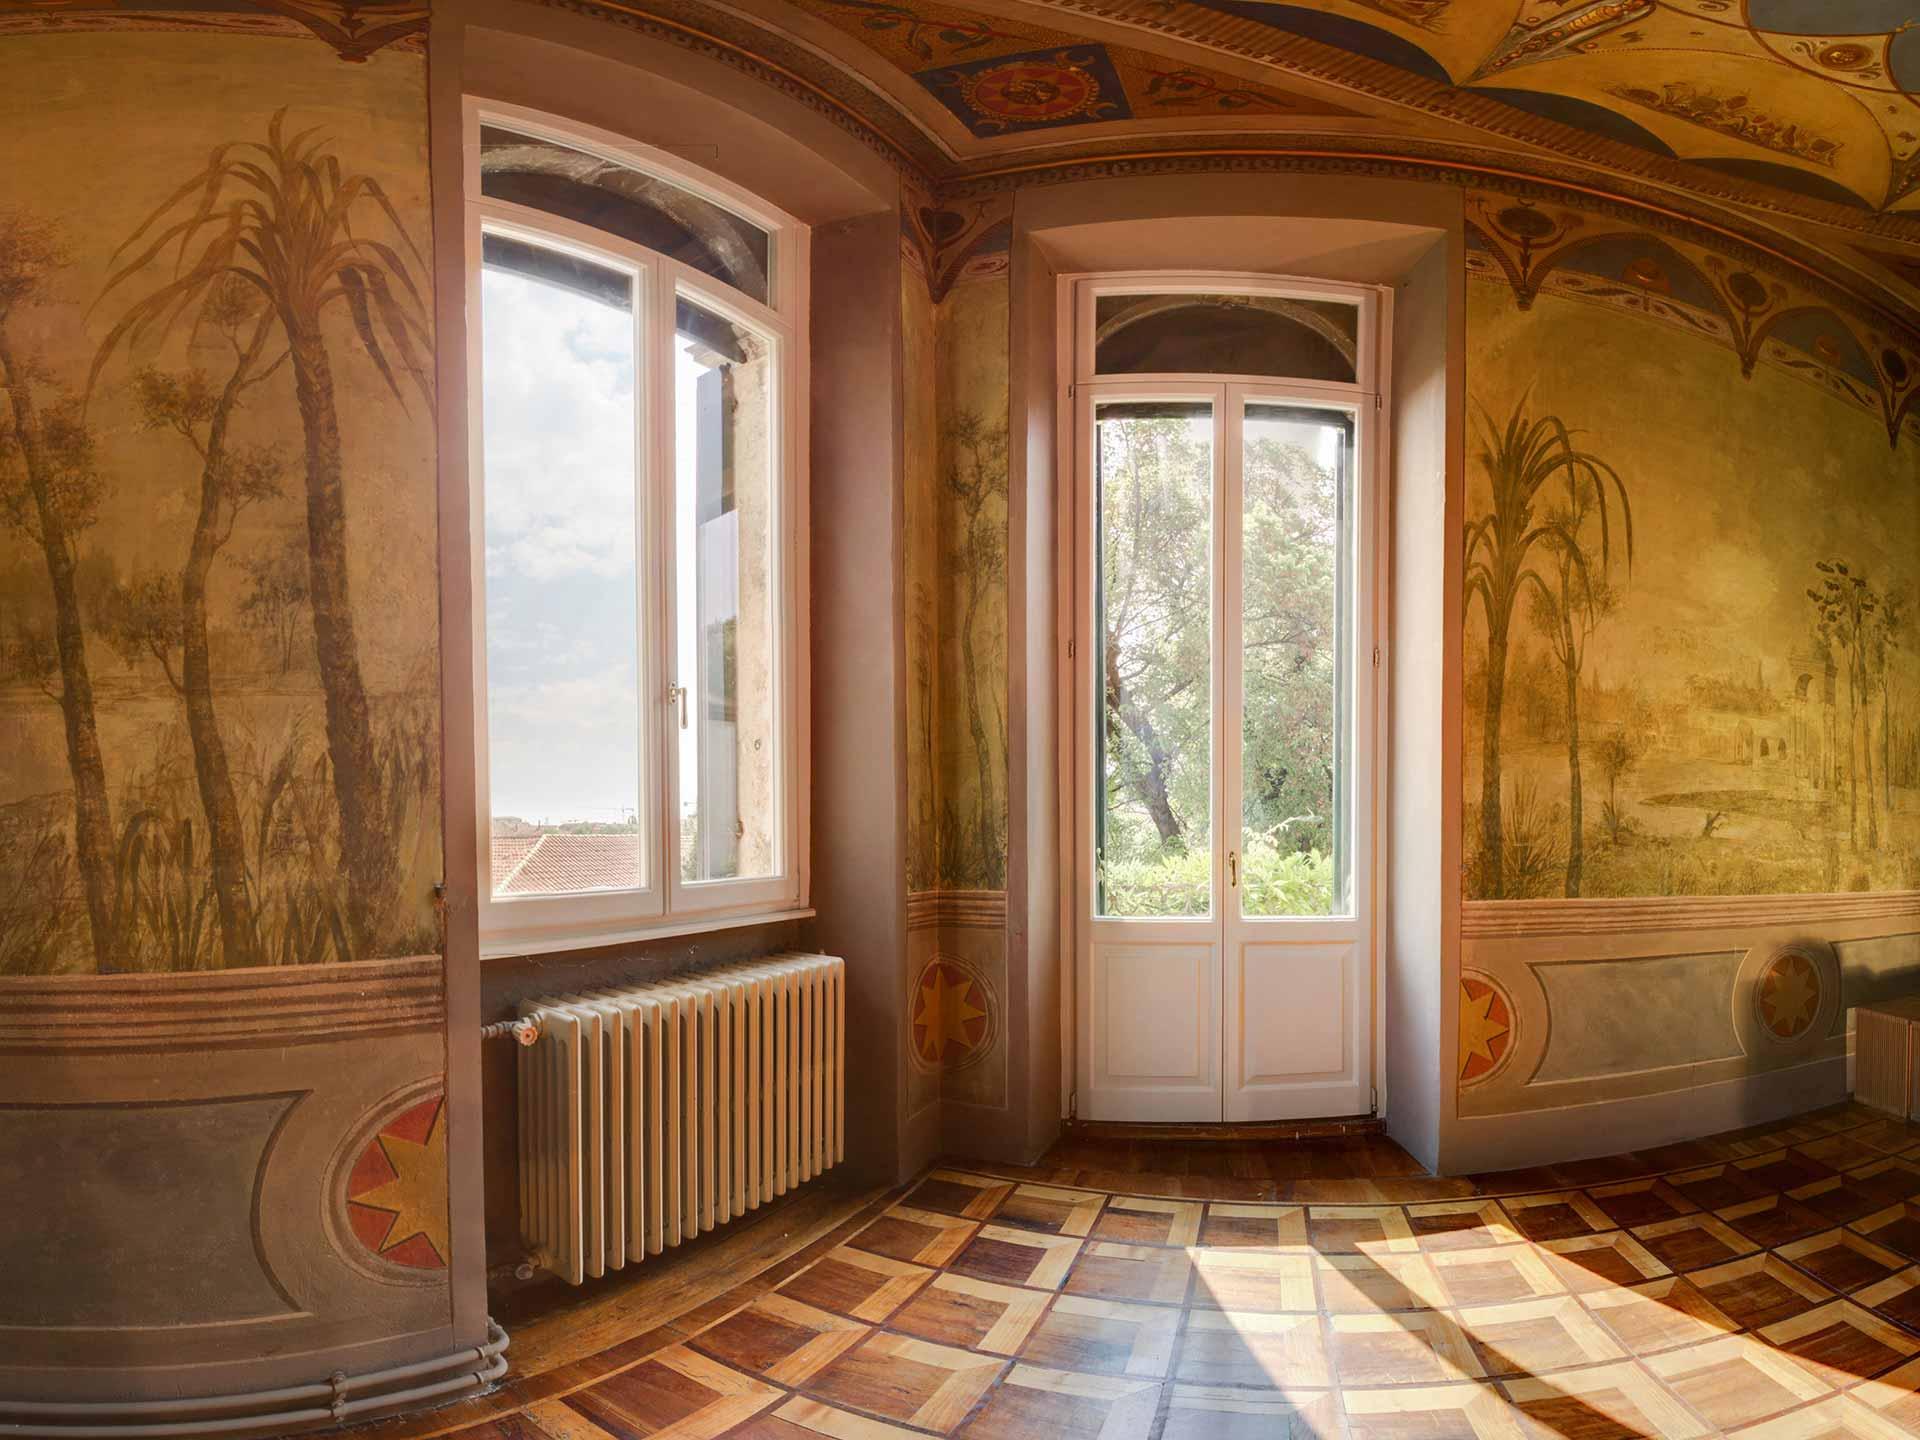 Home finestre d 39 epoca - Finestre stile inglese in legno ...